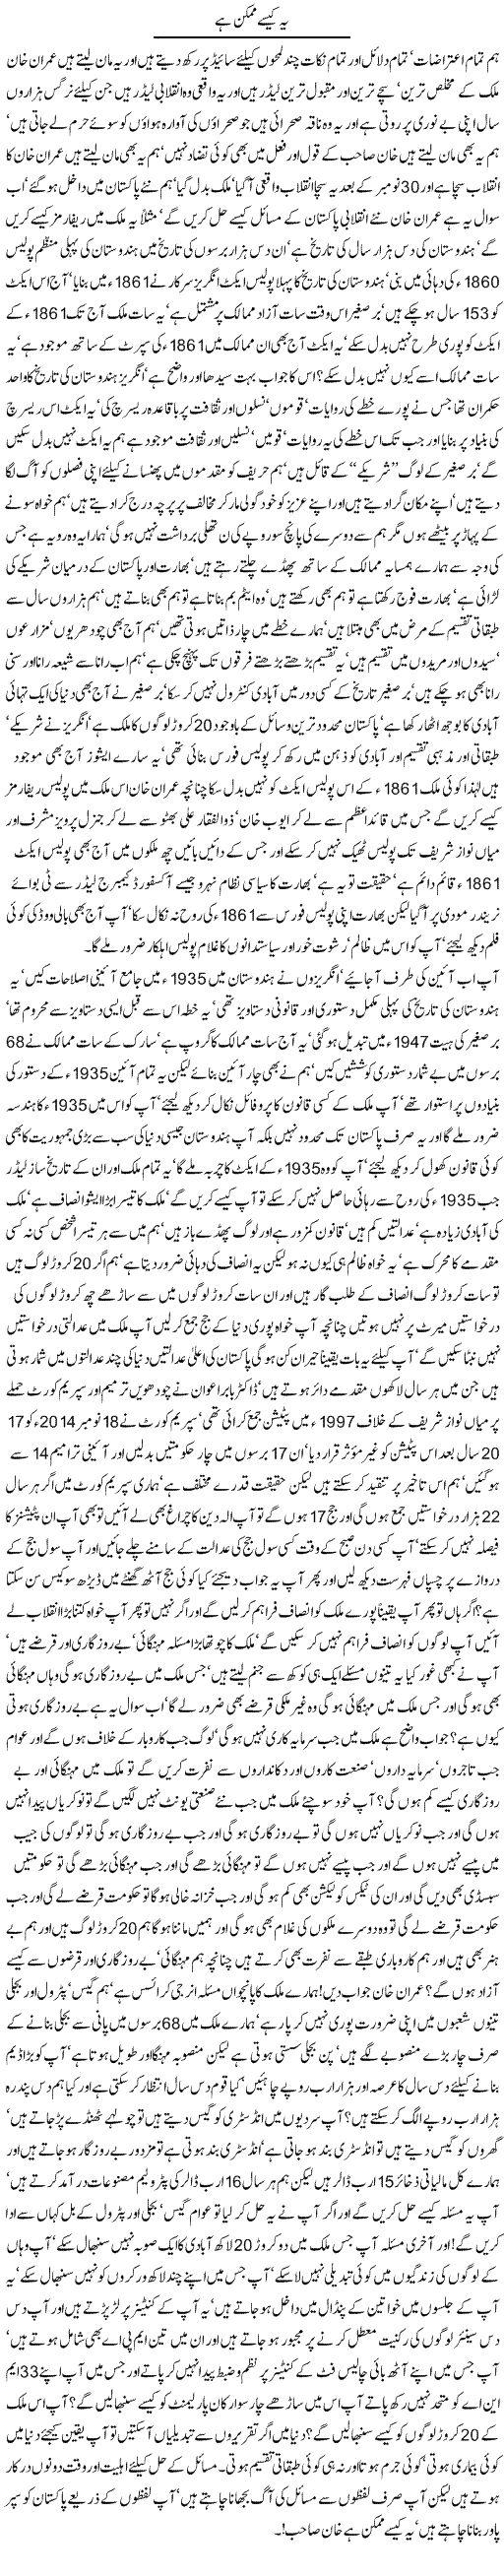 Ye-Kaise-Mumkinhai-Khan-sahib-by-Javed-Chaudhry